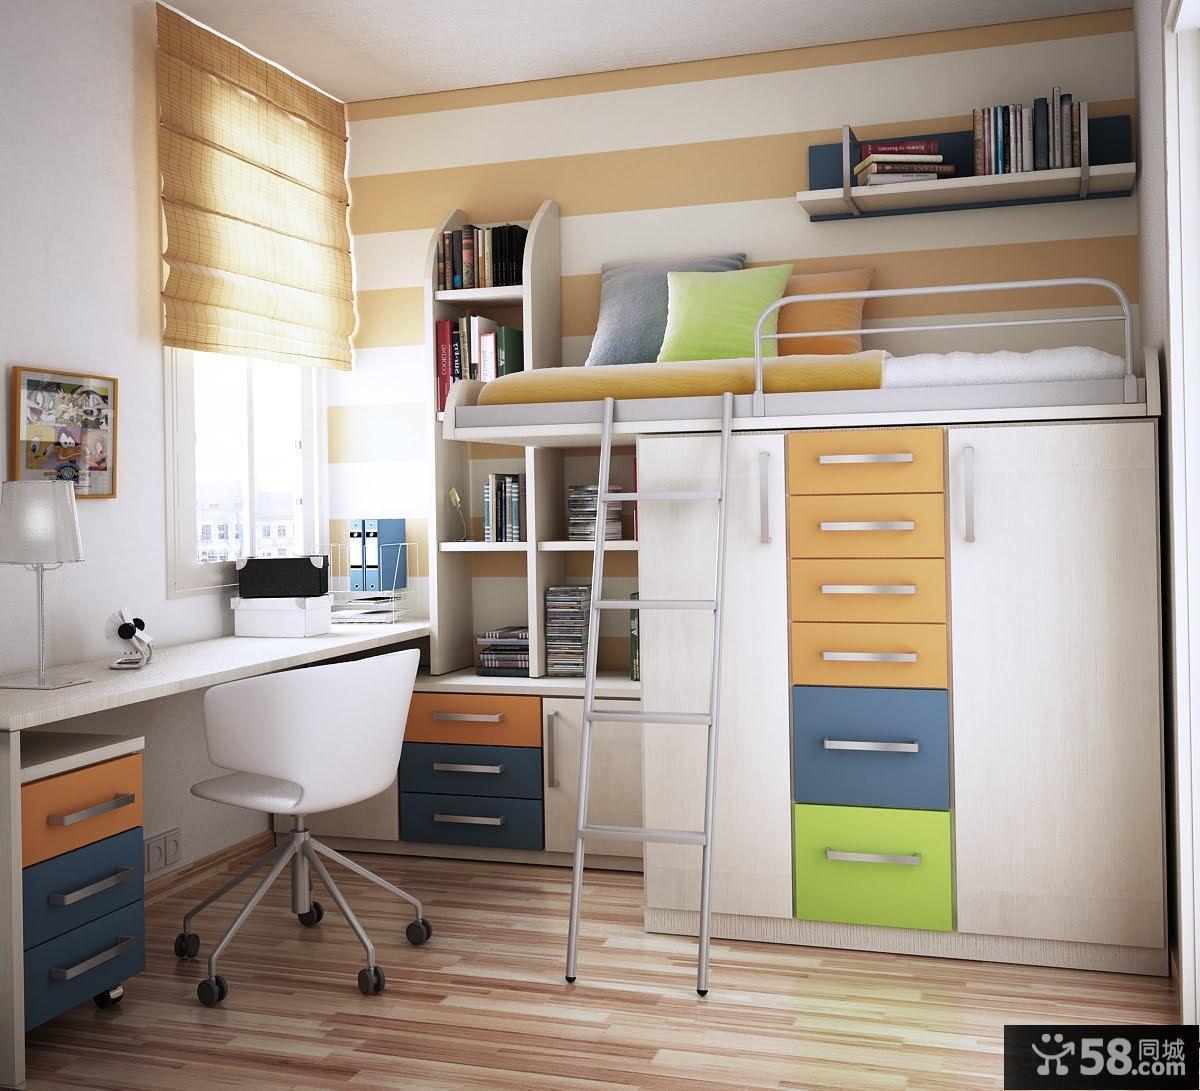 卧室小书房设计效果图 - 58装修效果图图片